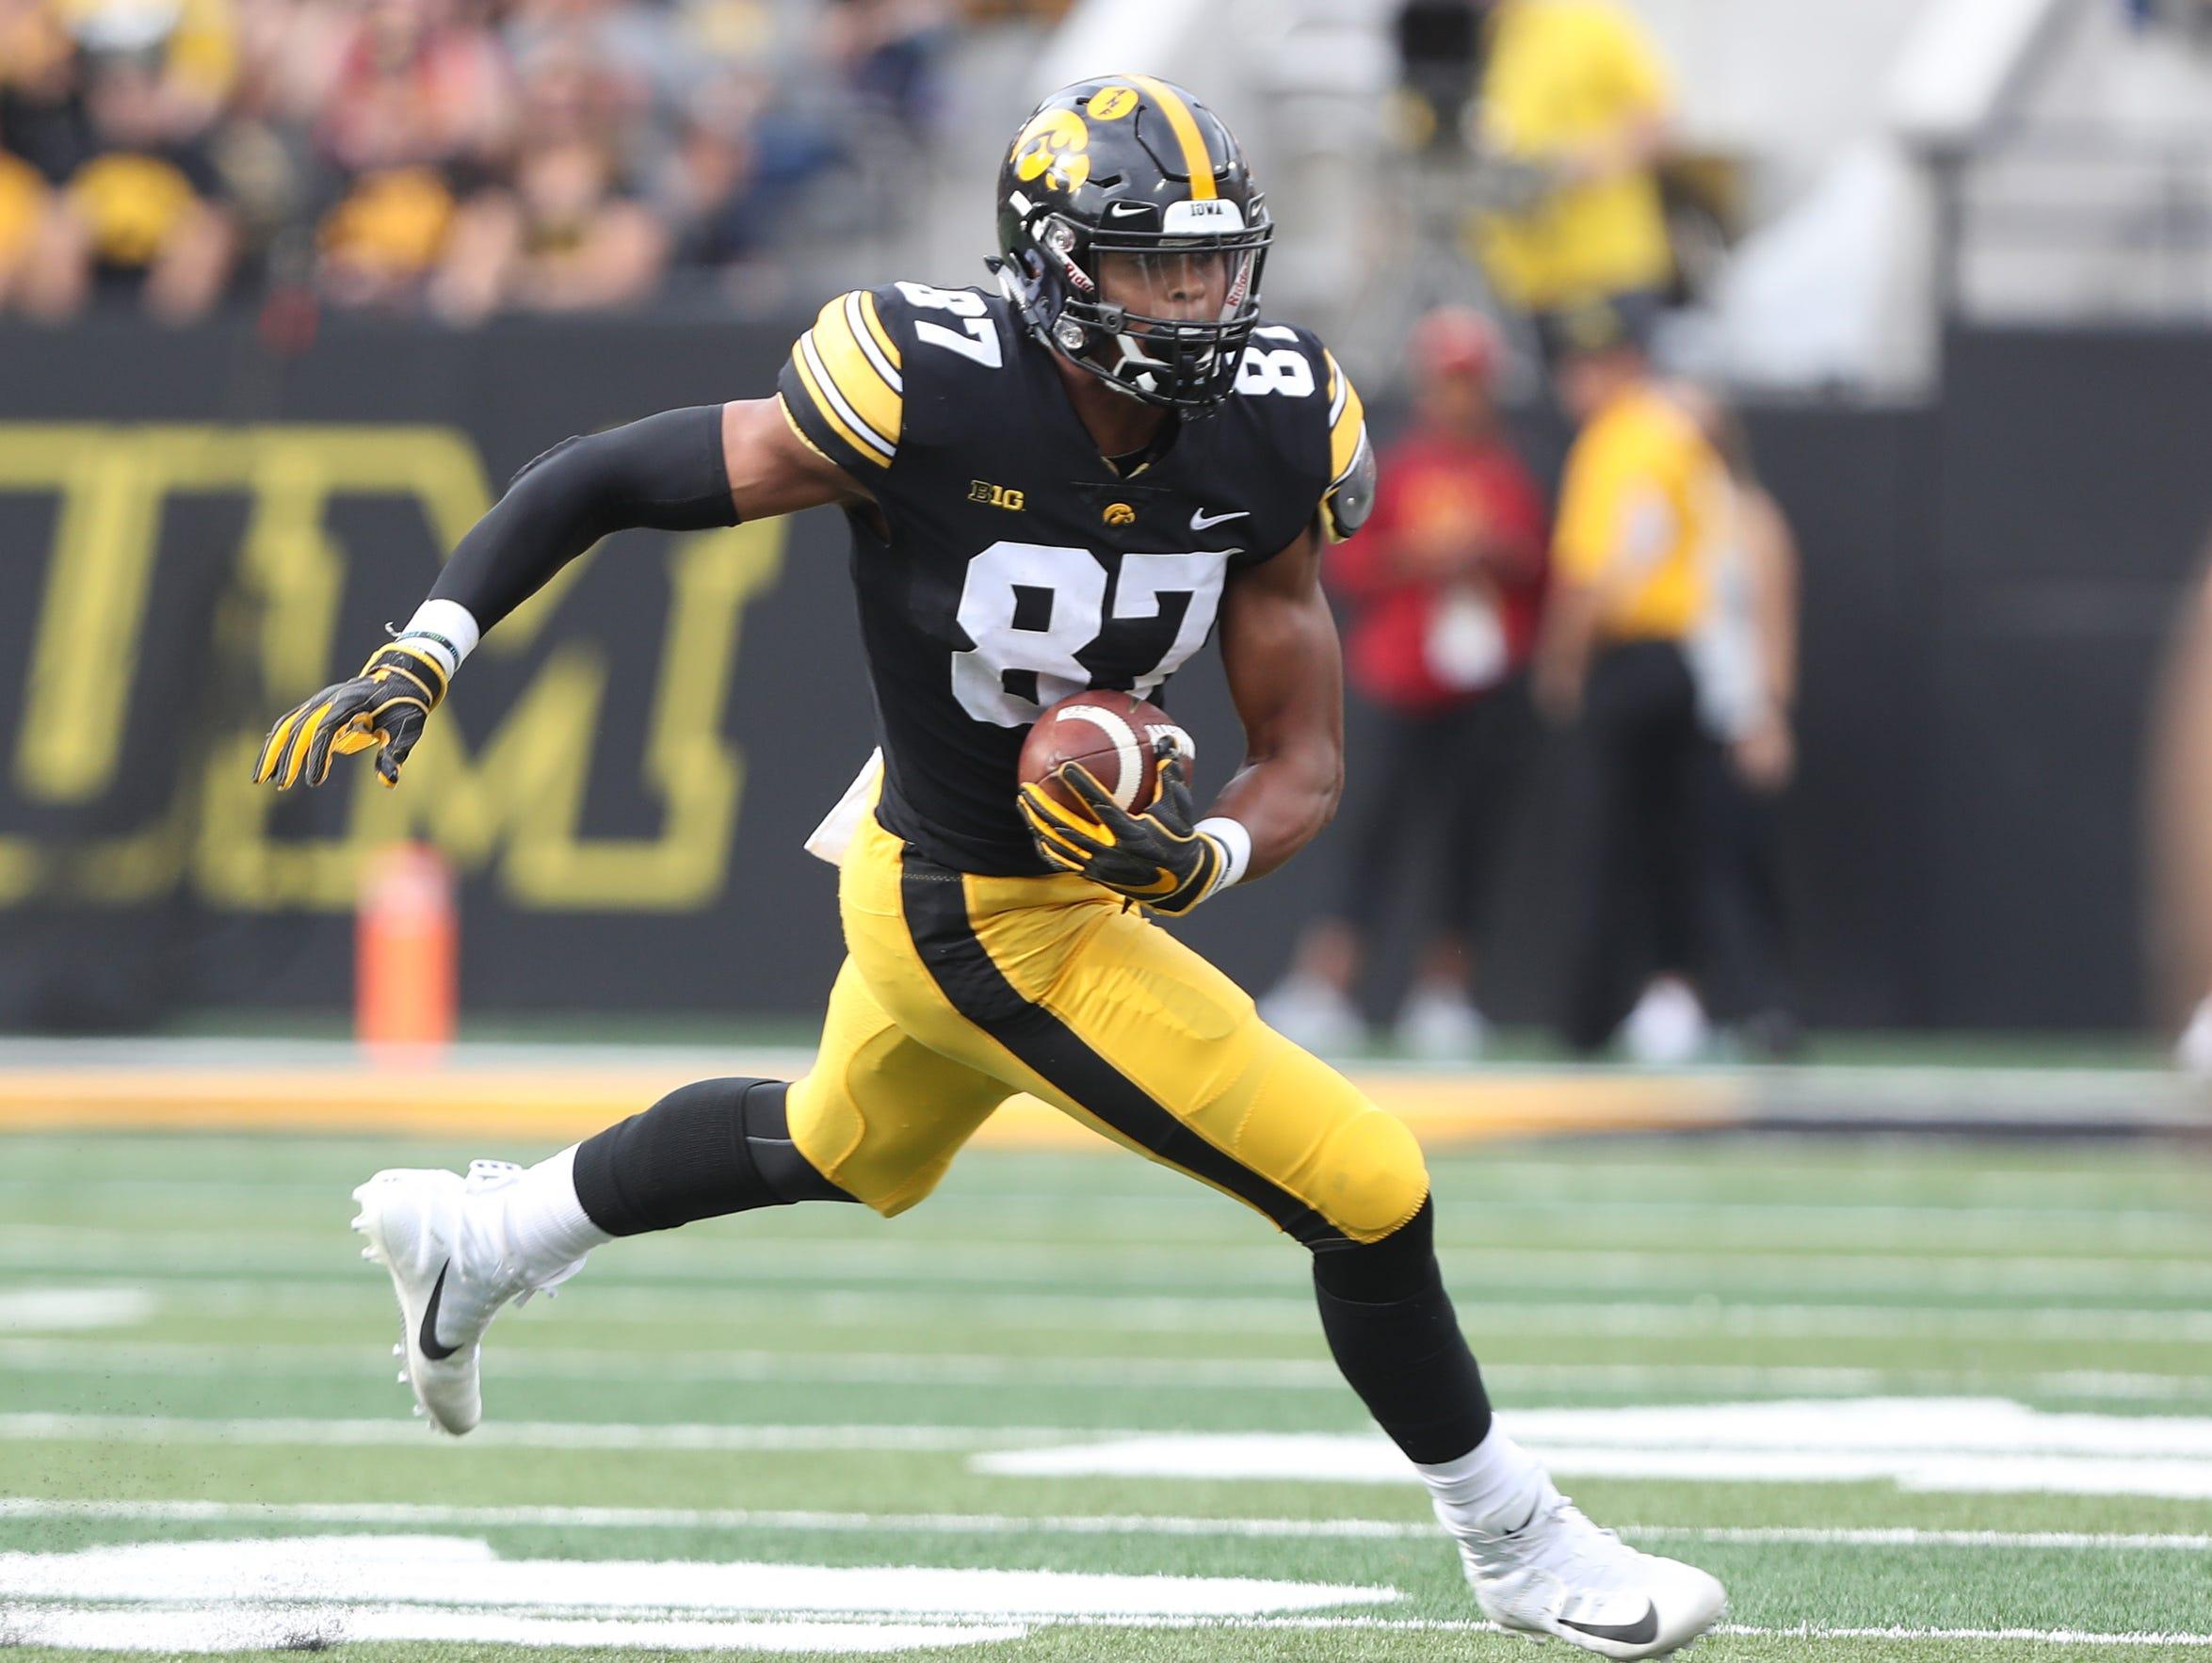 12. Packers - Noah Fant, TE, Iowa